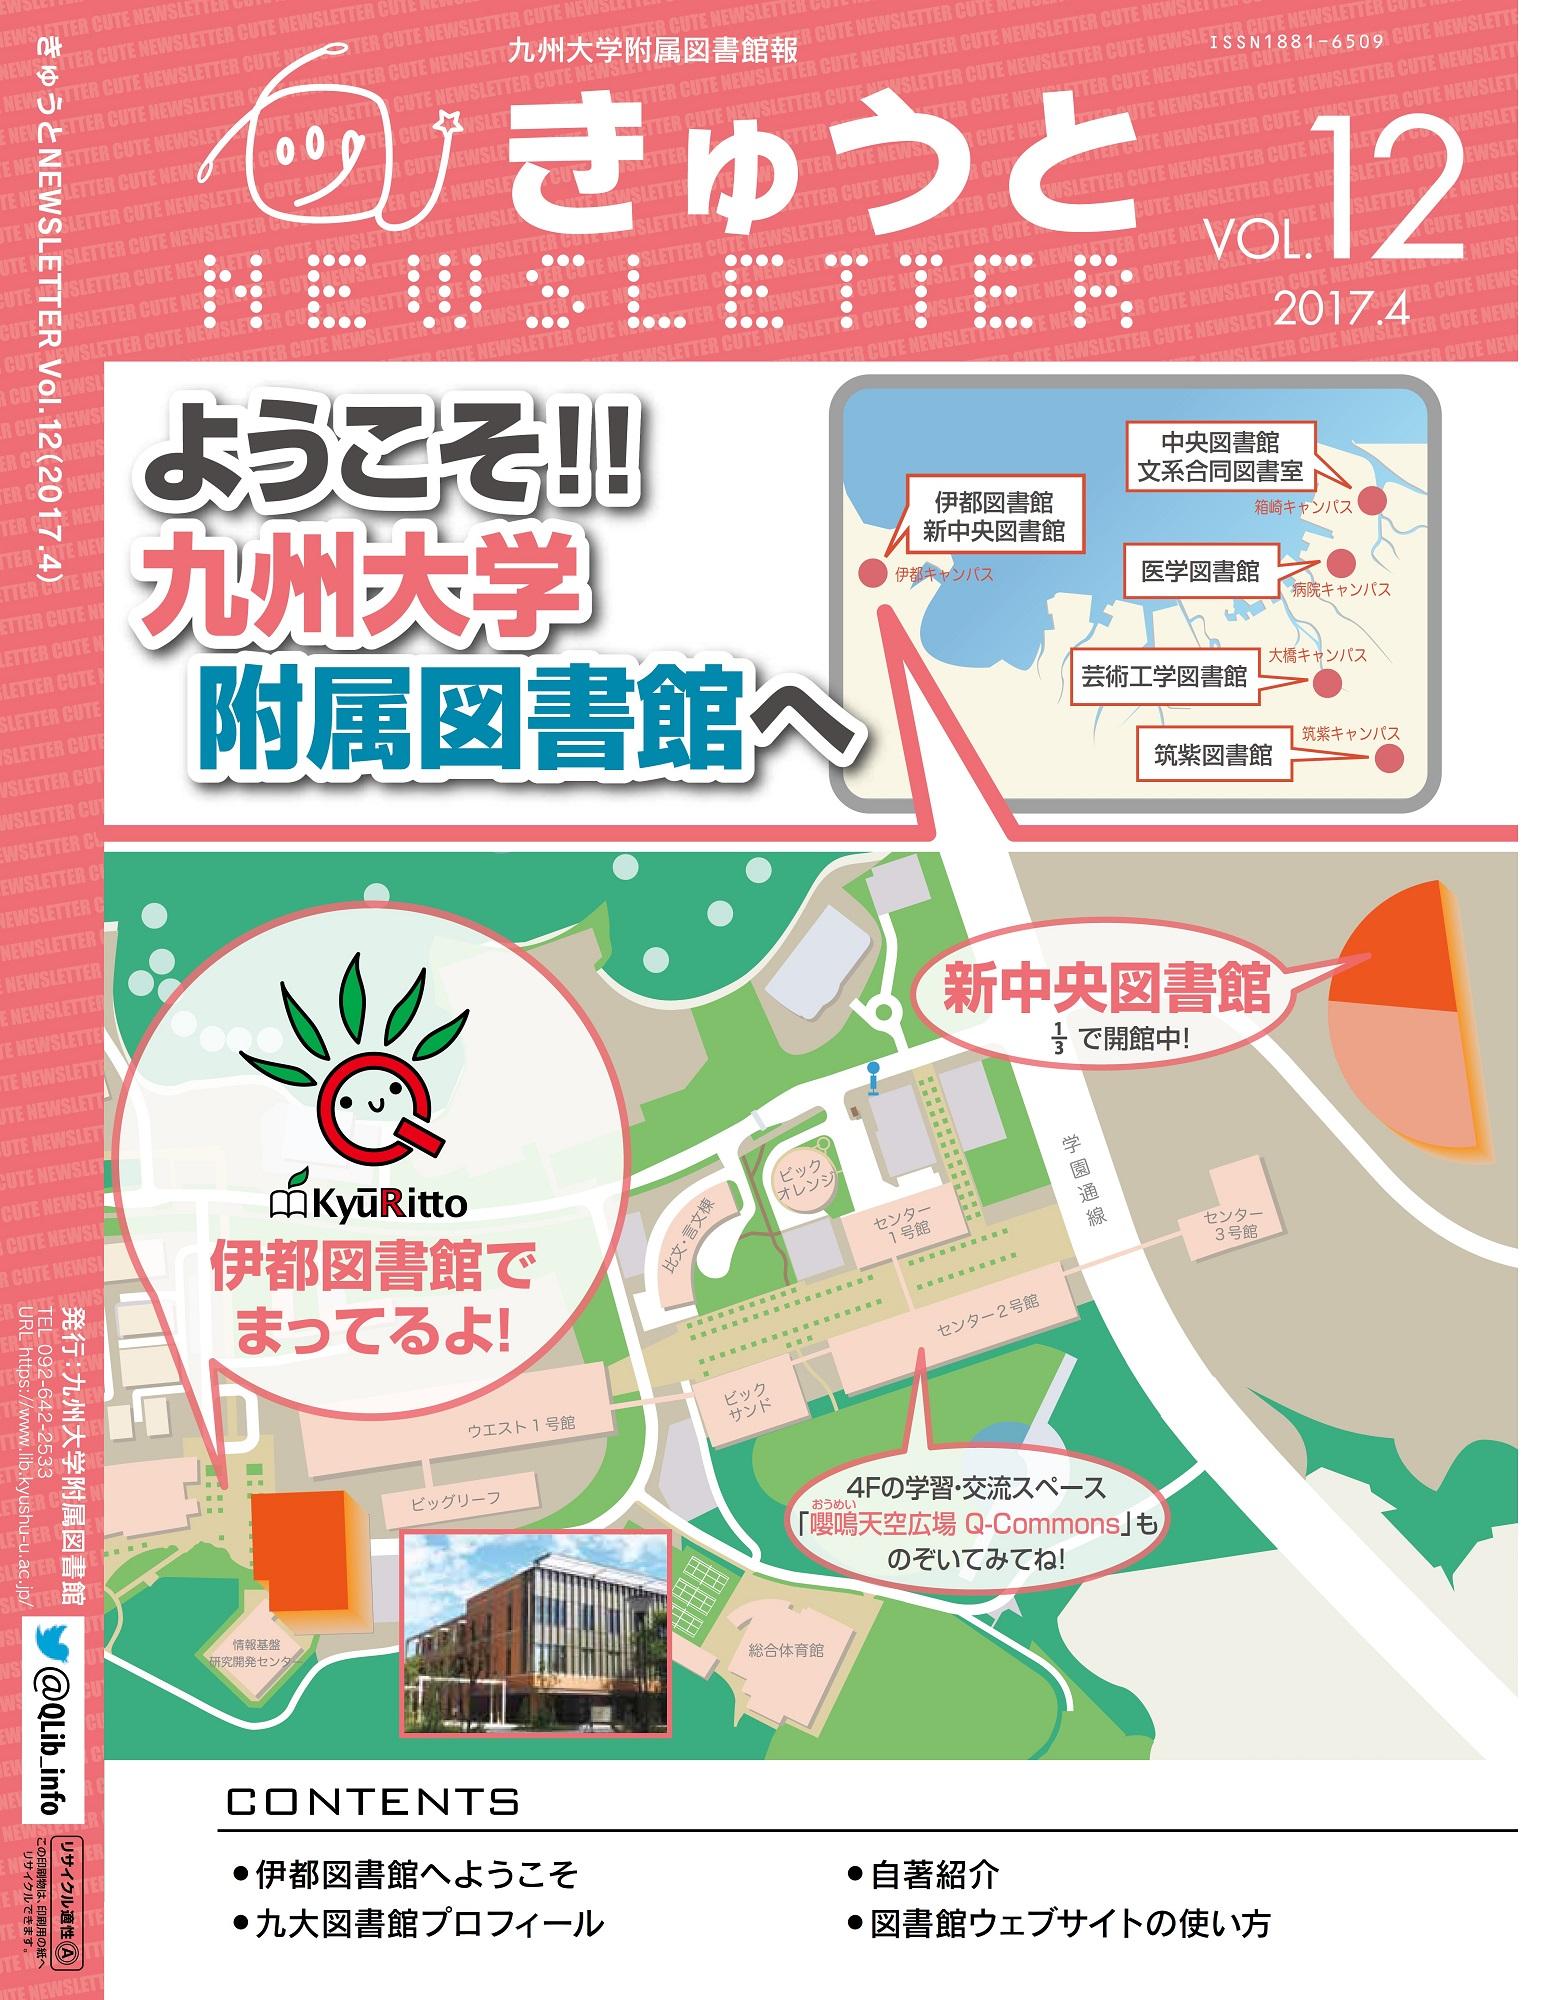 きゅうとnewsletter 九州大学附属図書館